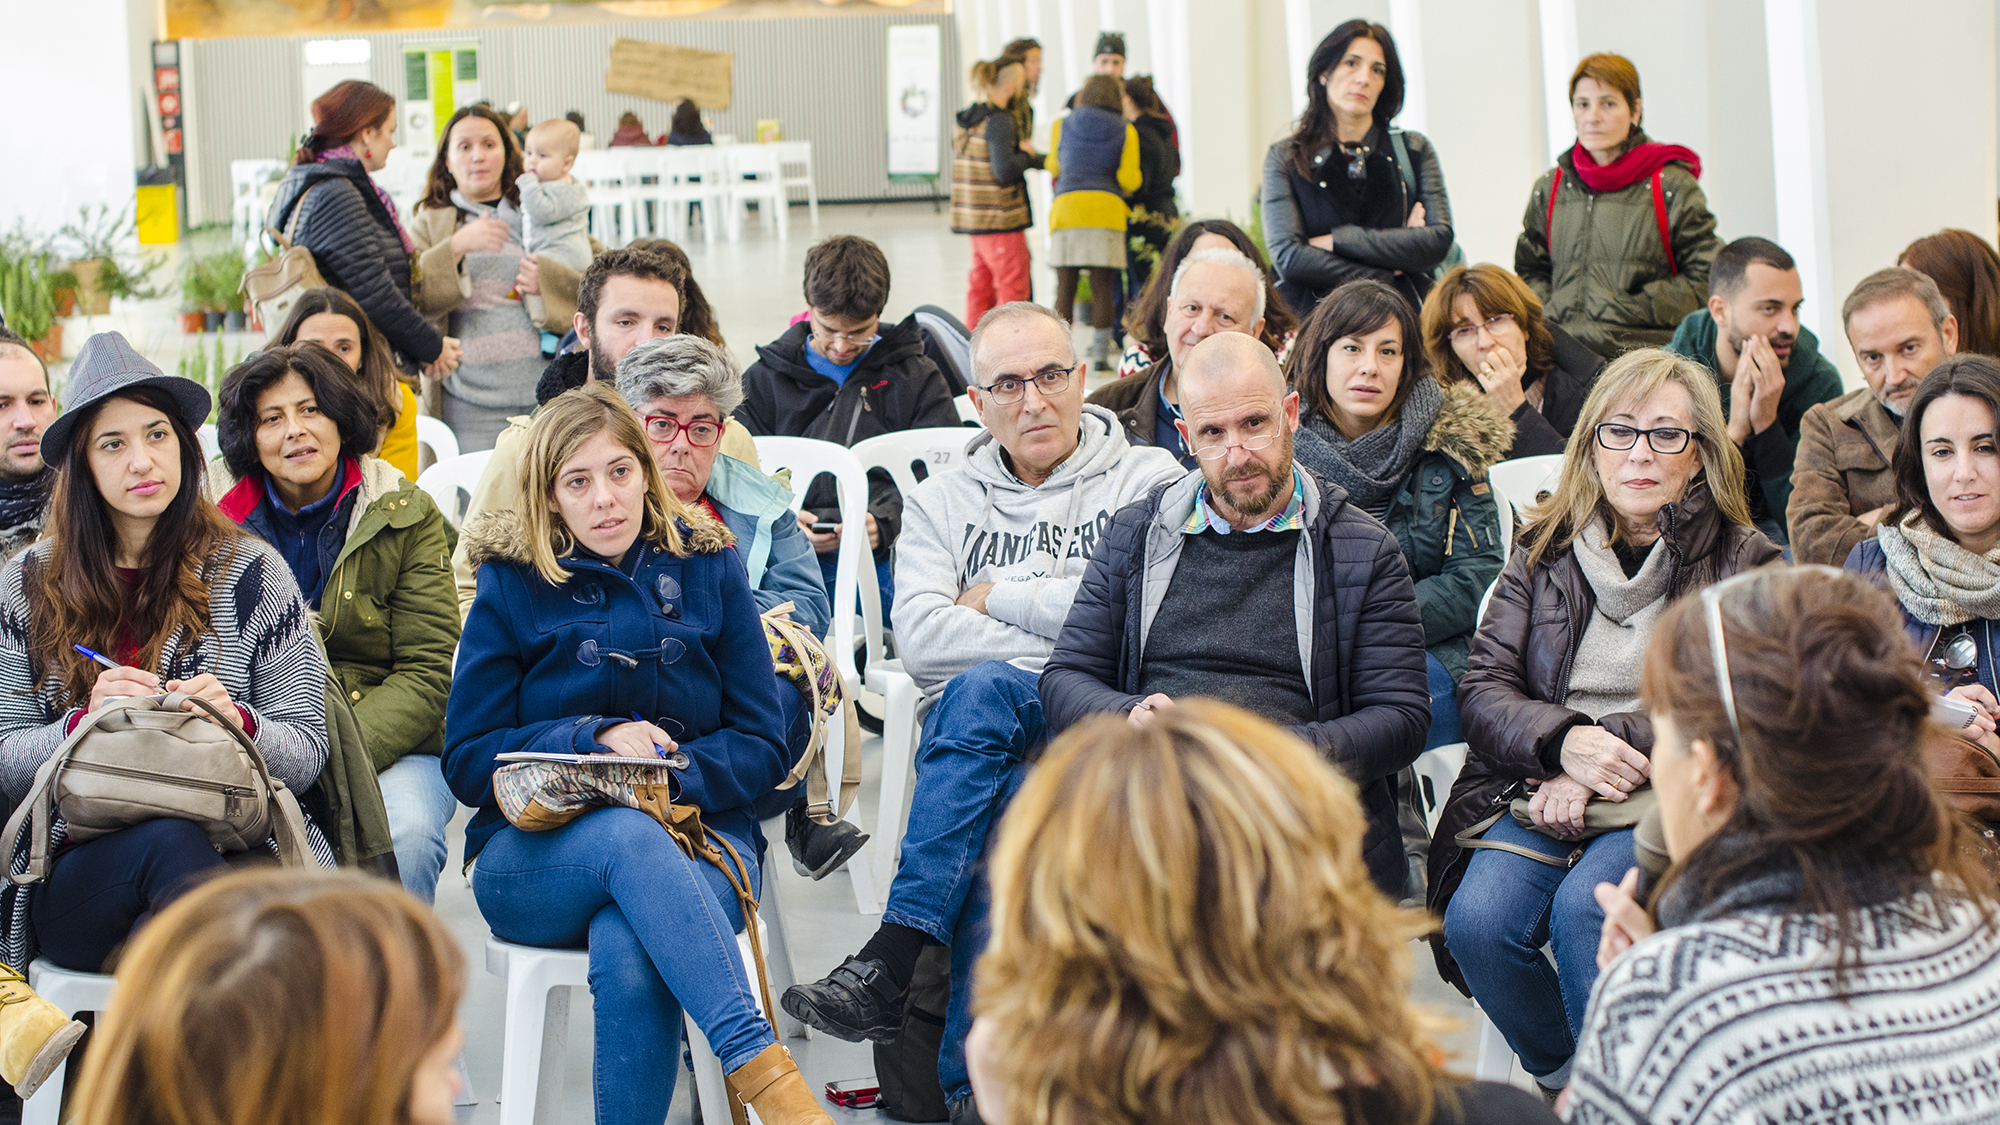 Fotografia per a esdeveniment a Alacant d'economia solidària. Reiniciant El Sistema d'Alacant Desperta